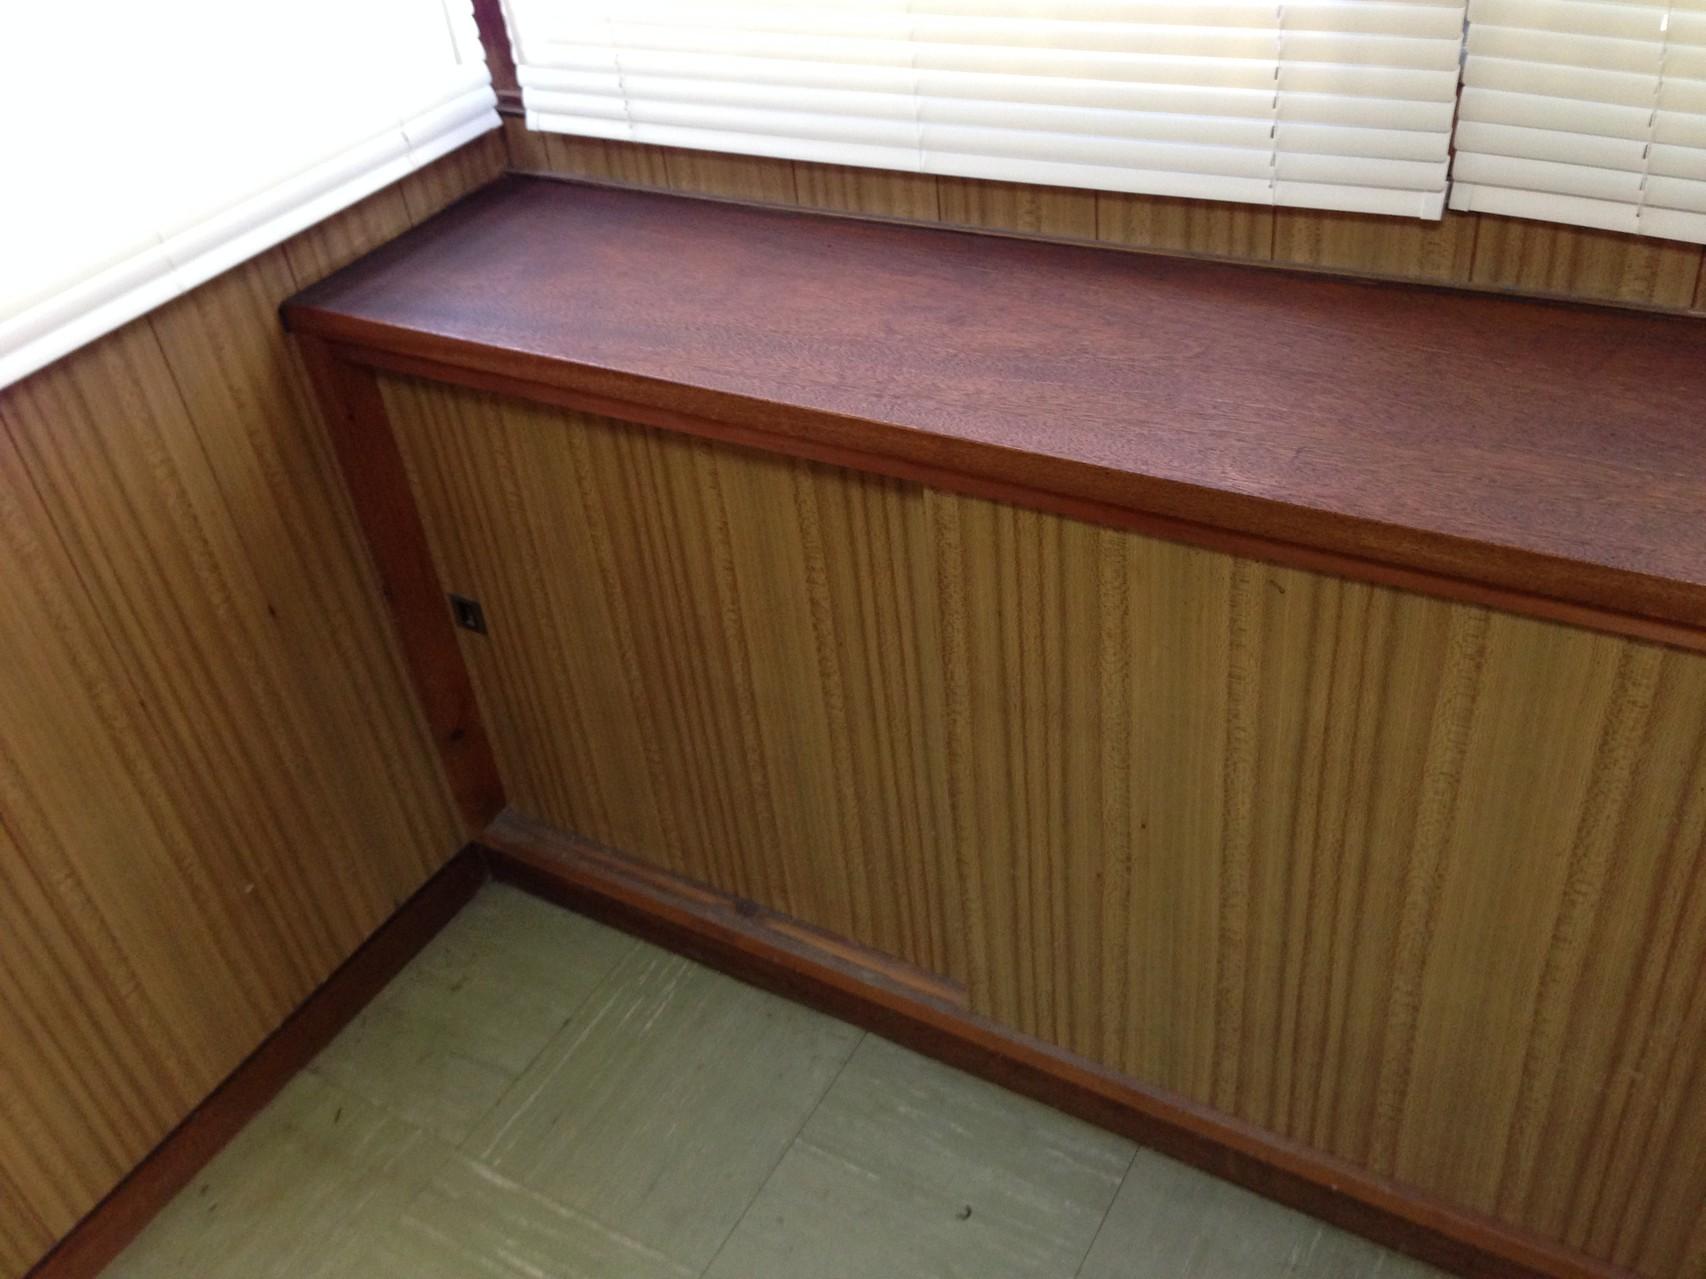 出窓スタイルの収納カウンターは、大容量の収納スペース。カウンター部には液晶テレビなんかを置いて・・・